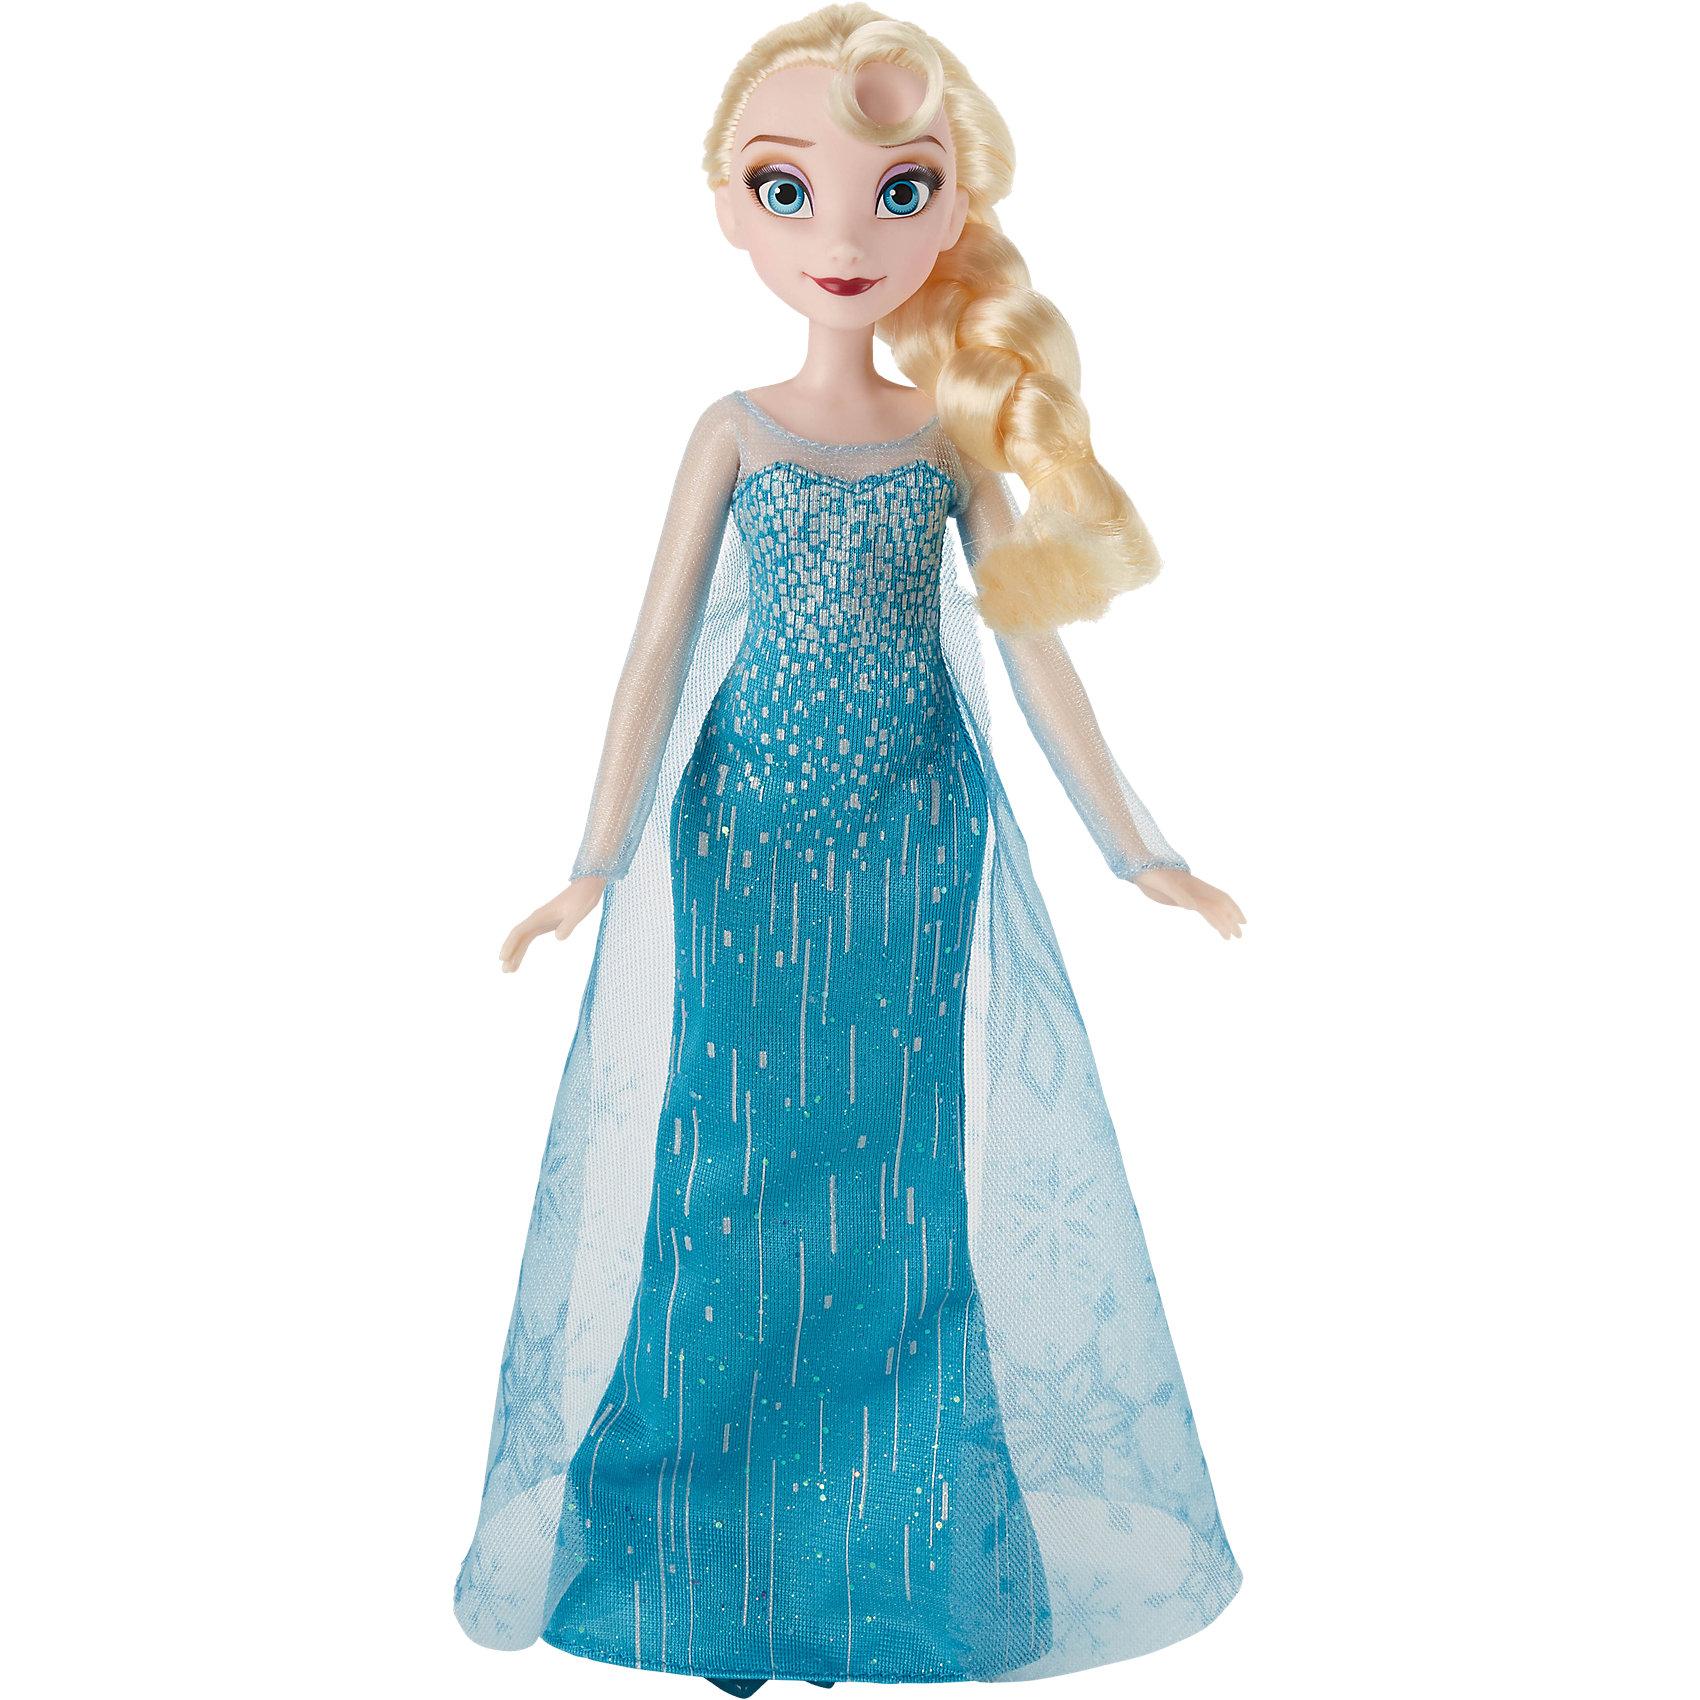 Кукла Эльза, Холодное сердце, Принцессы ДиснейКукла Эльза, Холодное сердце, Принцессы Дисней, станет прекрасным подарком для всех поклонниц популярного диснеевского мультфильма Frozen. Внешний вид куклы полностью соответствует своей героине из мультфильма. У Эльзы длинные светлые волосы, заплетенные в толстую косу, красивое лицо украшено ярким макияжем. Она одета в роскошное голубое платье в пол, украшенное блестками и мерцающими узорами. Сверху ее покрывает длинная полупрозрачная накидка с принтом в виде снежинок. Наряд дополняют изящные полупрозрачные туфельки в тон платья. У куклы подвижные руки, ноги и голова. Очаровательная кукла прекрасно дополнит коллекцию диснеевских принцесс.<br><br>Дополнительная информация:<br><br>- Материал: пластик, текстиль.<br>- Высота куклы: 28 см.<br>- Размер упаковки: 15 x 5 x 36 см.  <br>- Вес: 0,3 кг. <br><br>Куклу Эльза, Холодное сердце, Принцессы Дисней, можно купить в нашем интернет-магазине.<br><br>Ширина мм: 326<br>Глубина мм: 152<br>Высота мм: 53<br>Вес г: 188<br>Возраст от месяцев: 36<br>Возраст до месяцев: 72<br>Пол: Женский<br>Возраст: Детский<br>SKU: 4351506